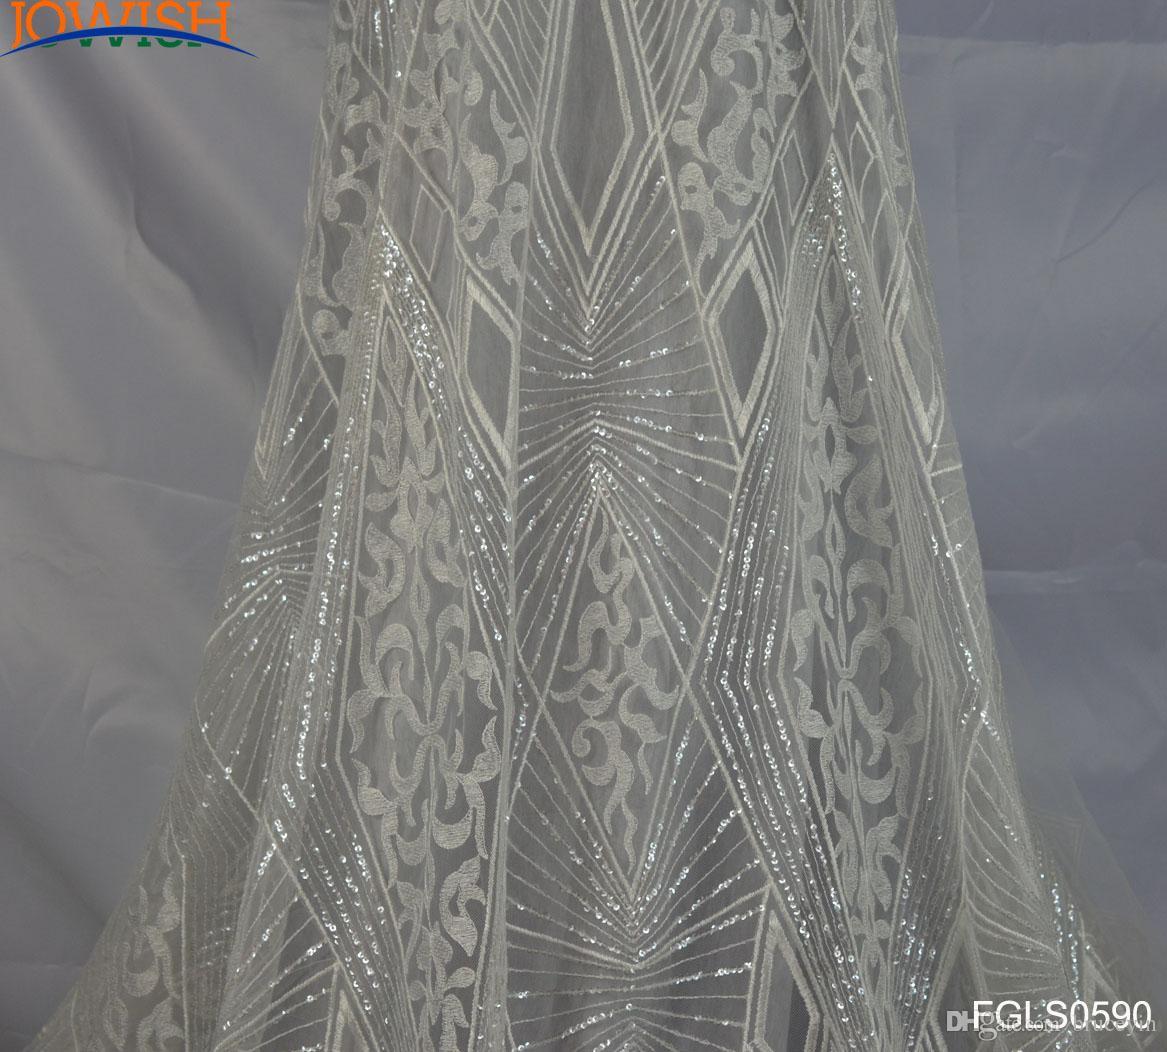 Lastest 3yards Геометрическая Блестки Ткань Вышитые Тюль слоновой кости кружева Ткань для платья венчания ремесленной швейное кружевной ткани